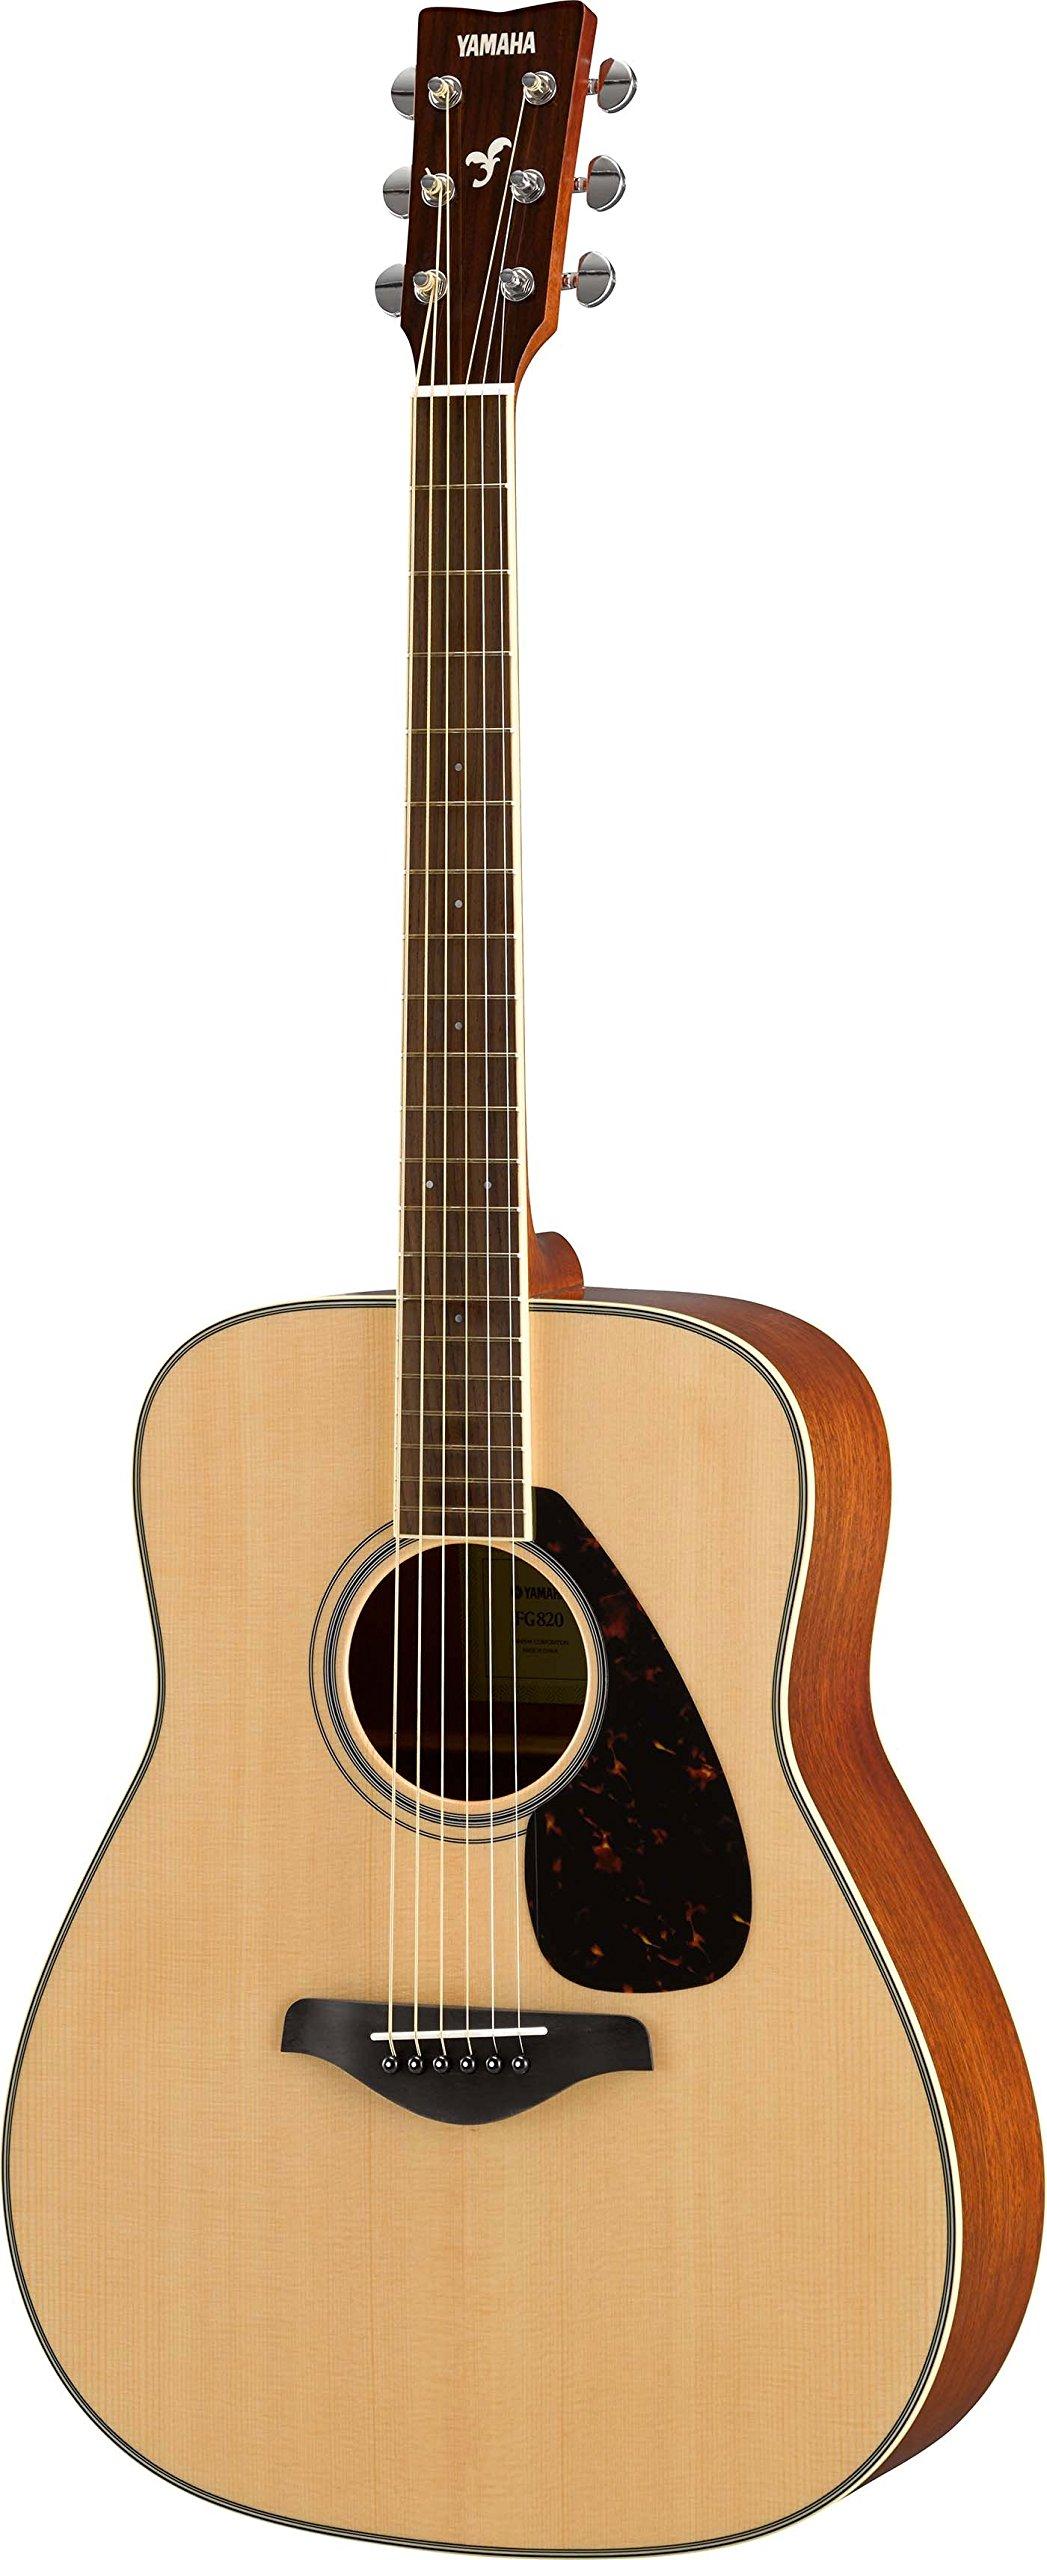 Yamaha FG820 Solid Top Acoustic Guitar, Natural by YAMAHA